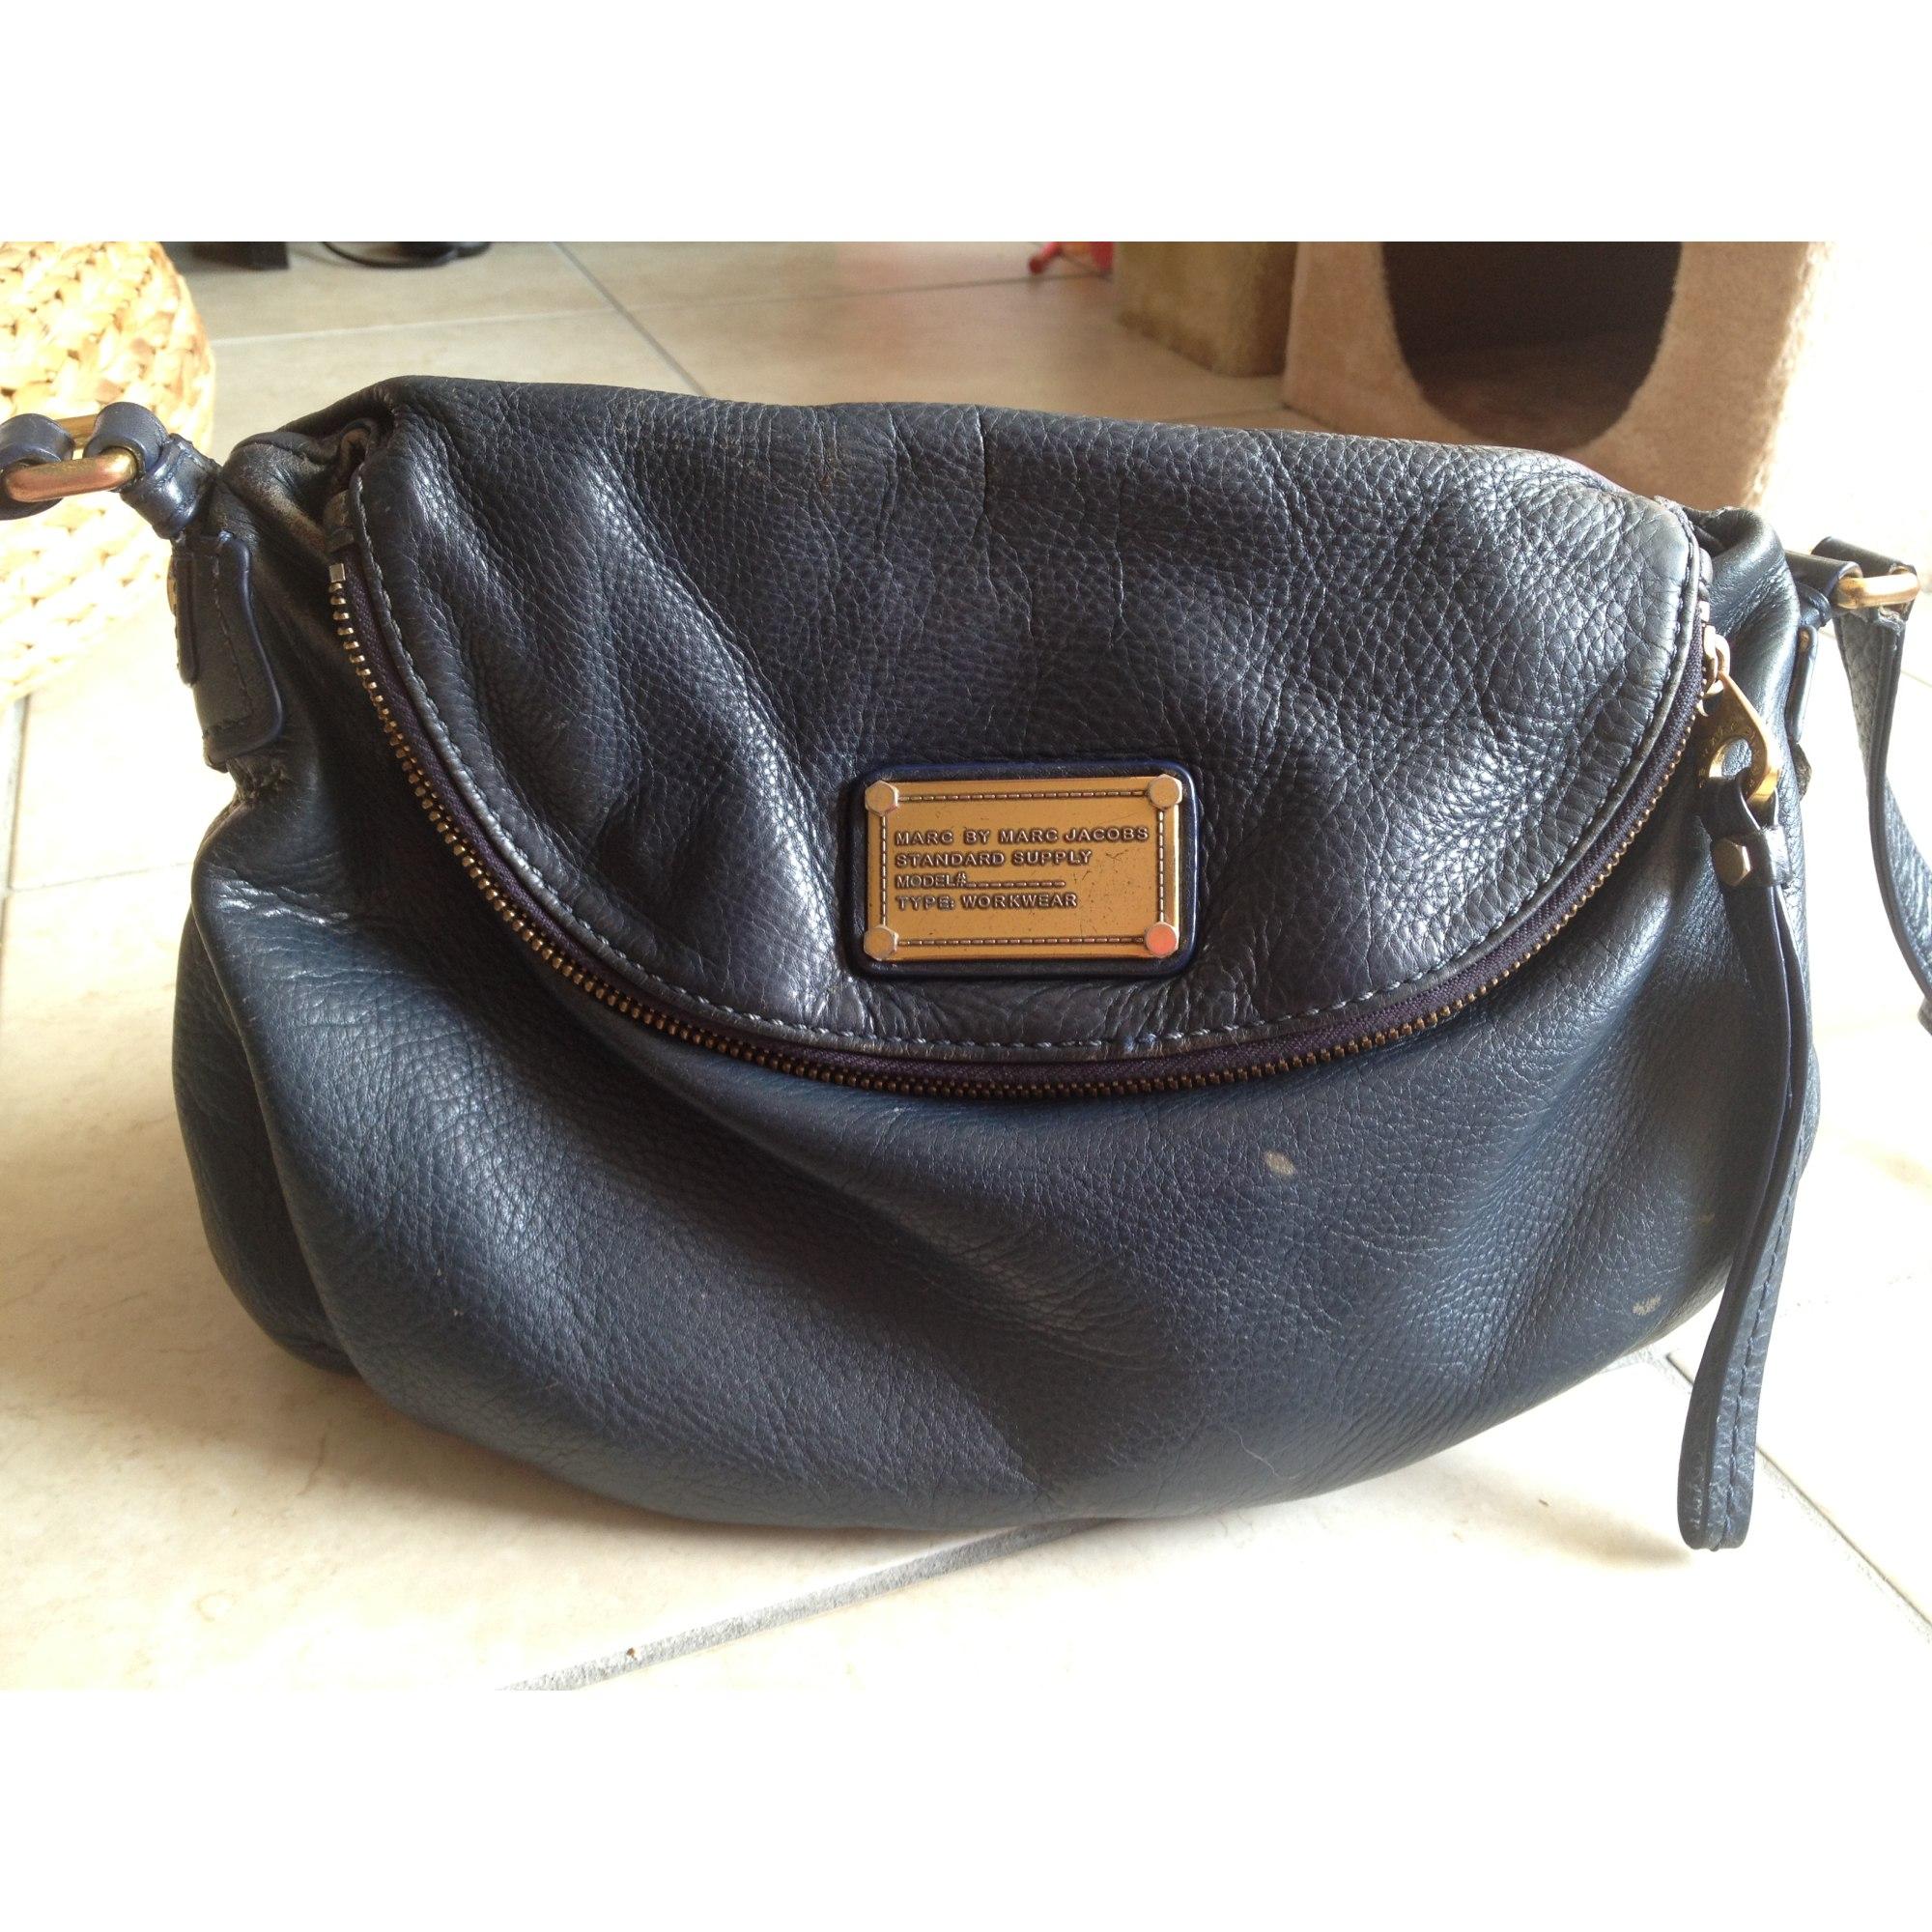 531497b574e42 Sac en bandoulière en cuir MARC JACOBS bleu vendu par D aurora145106 ...